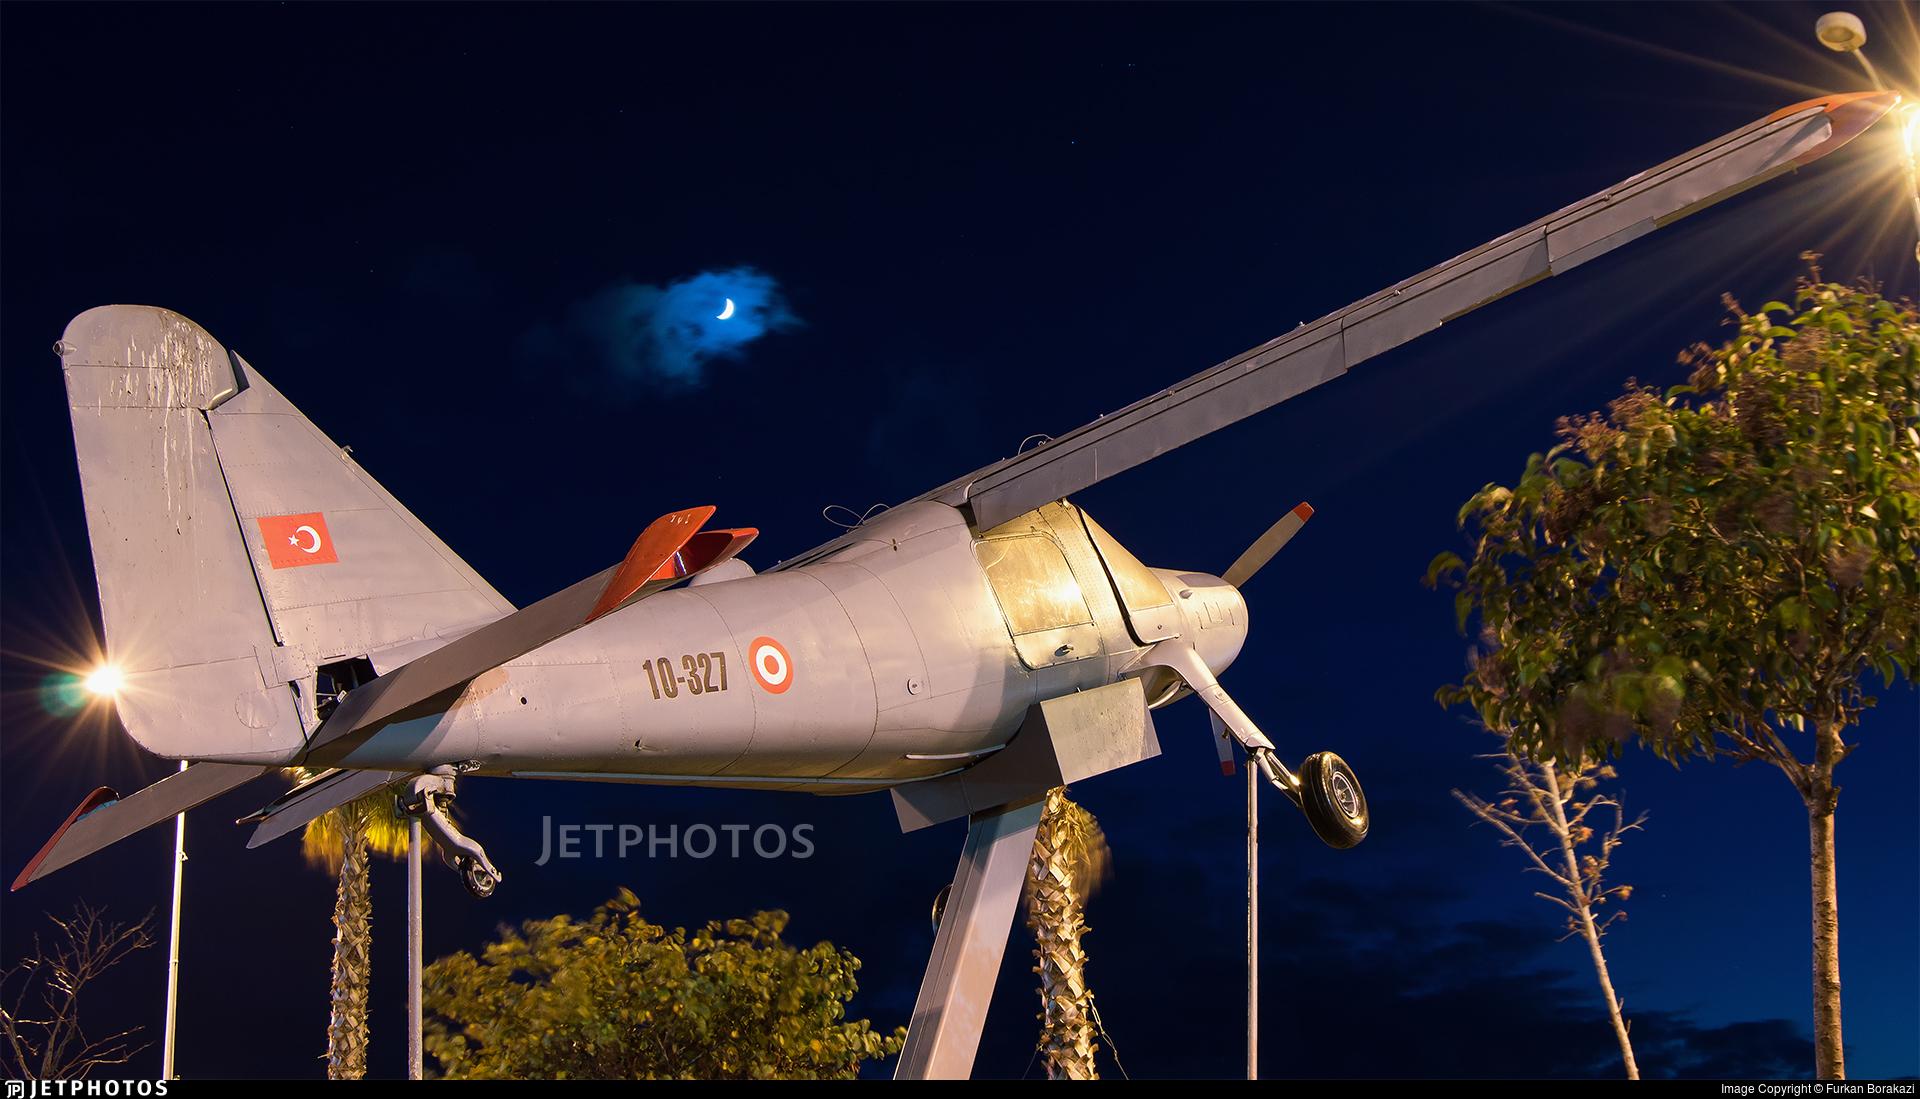 10-327 - Dornier Do-27H2 - Turkey - Air Force